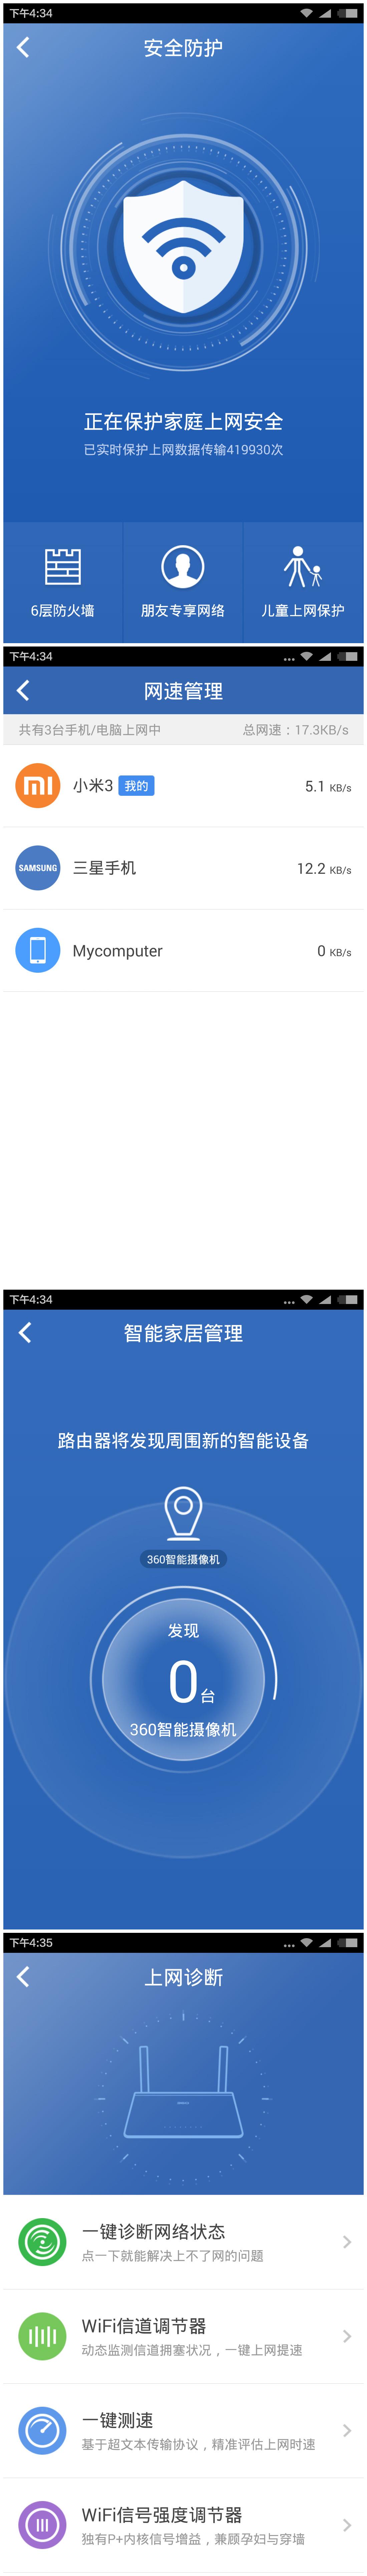 initpintu_副本02_副本.jpg